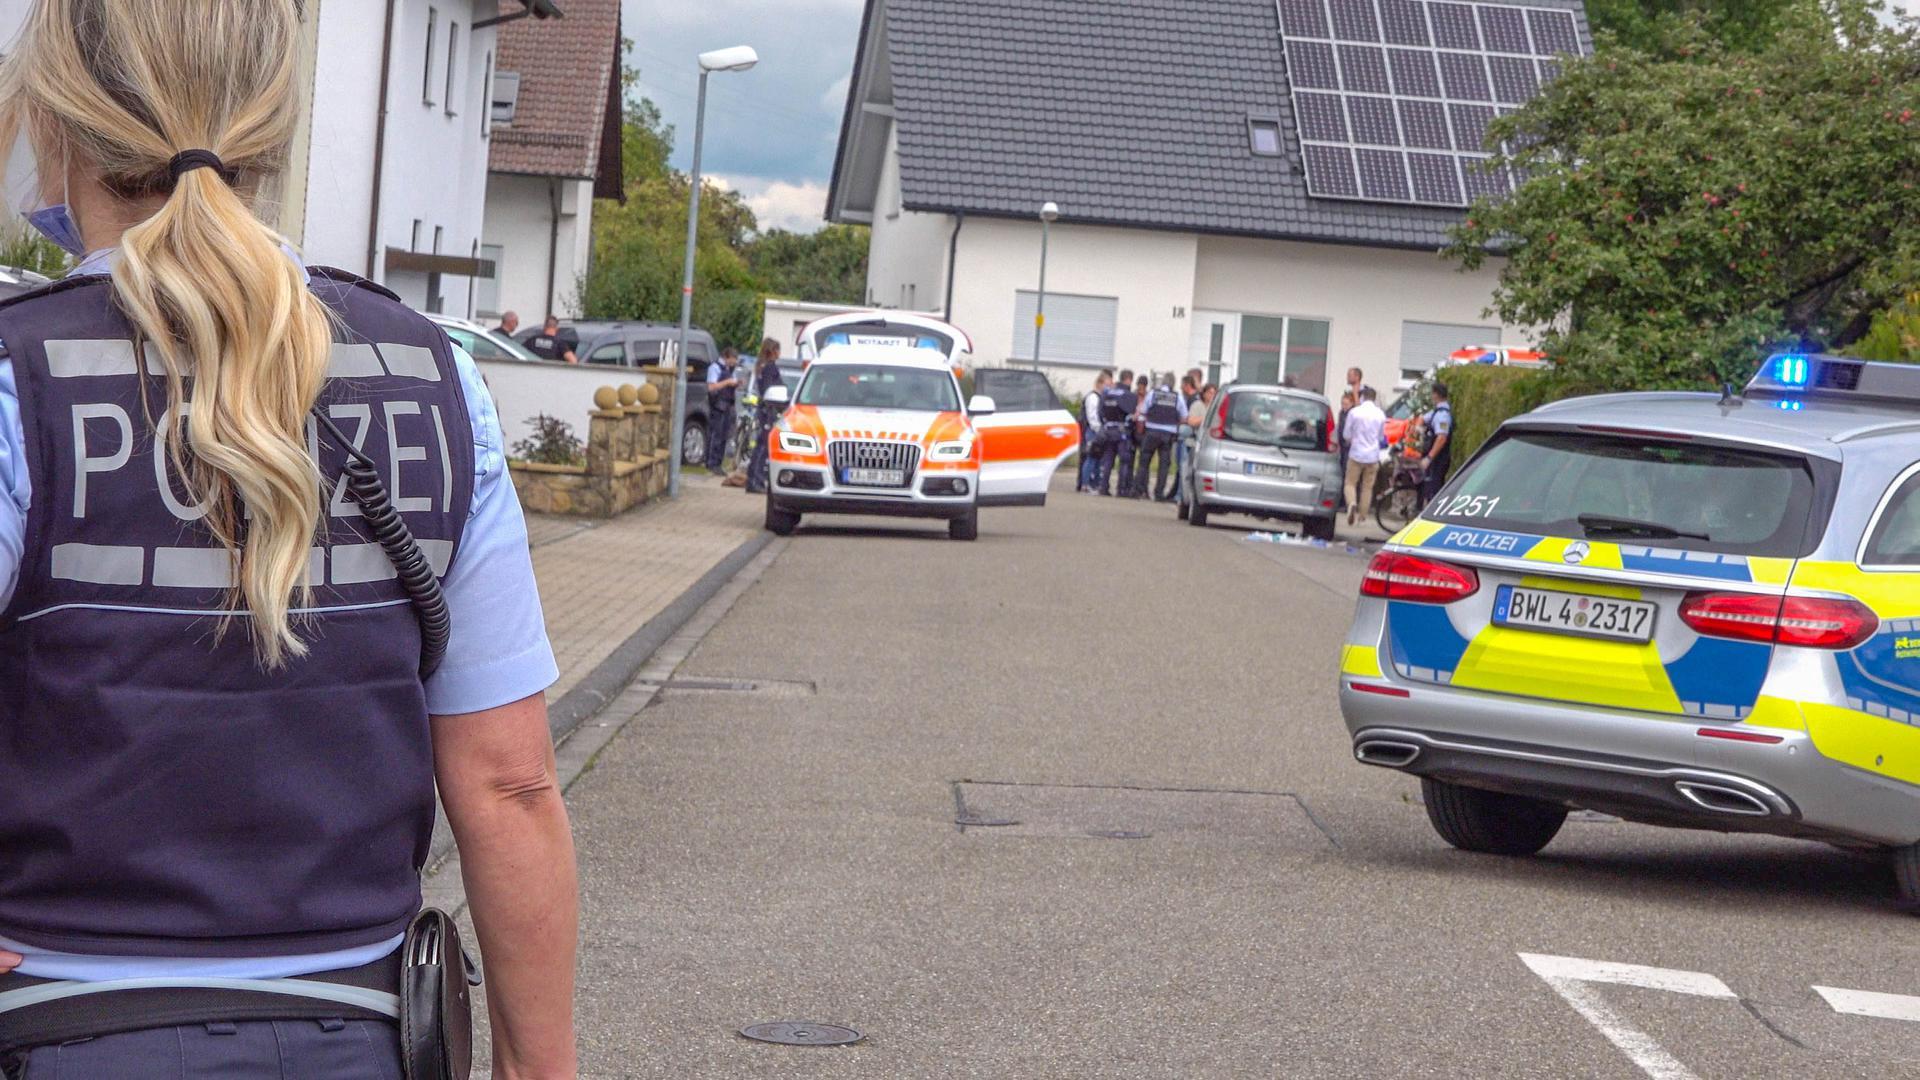 Einsatz wegen erschossenem Mann in der Wilare Straße in Ubstadt-Weiher